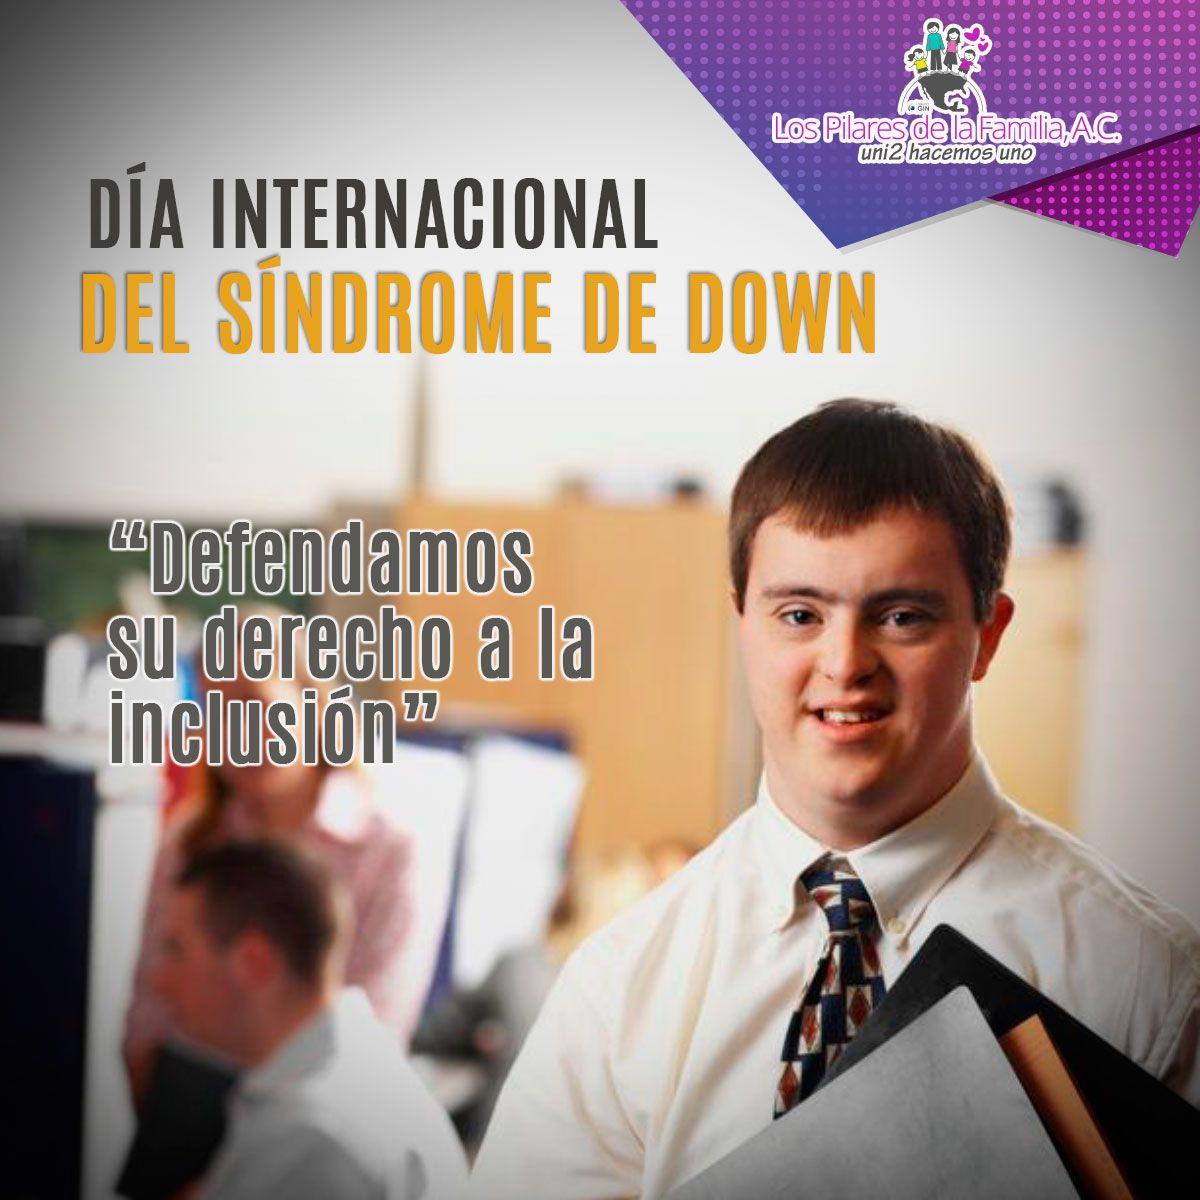 21 de marzo, Día Internacional del Síndrome de Down